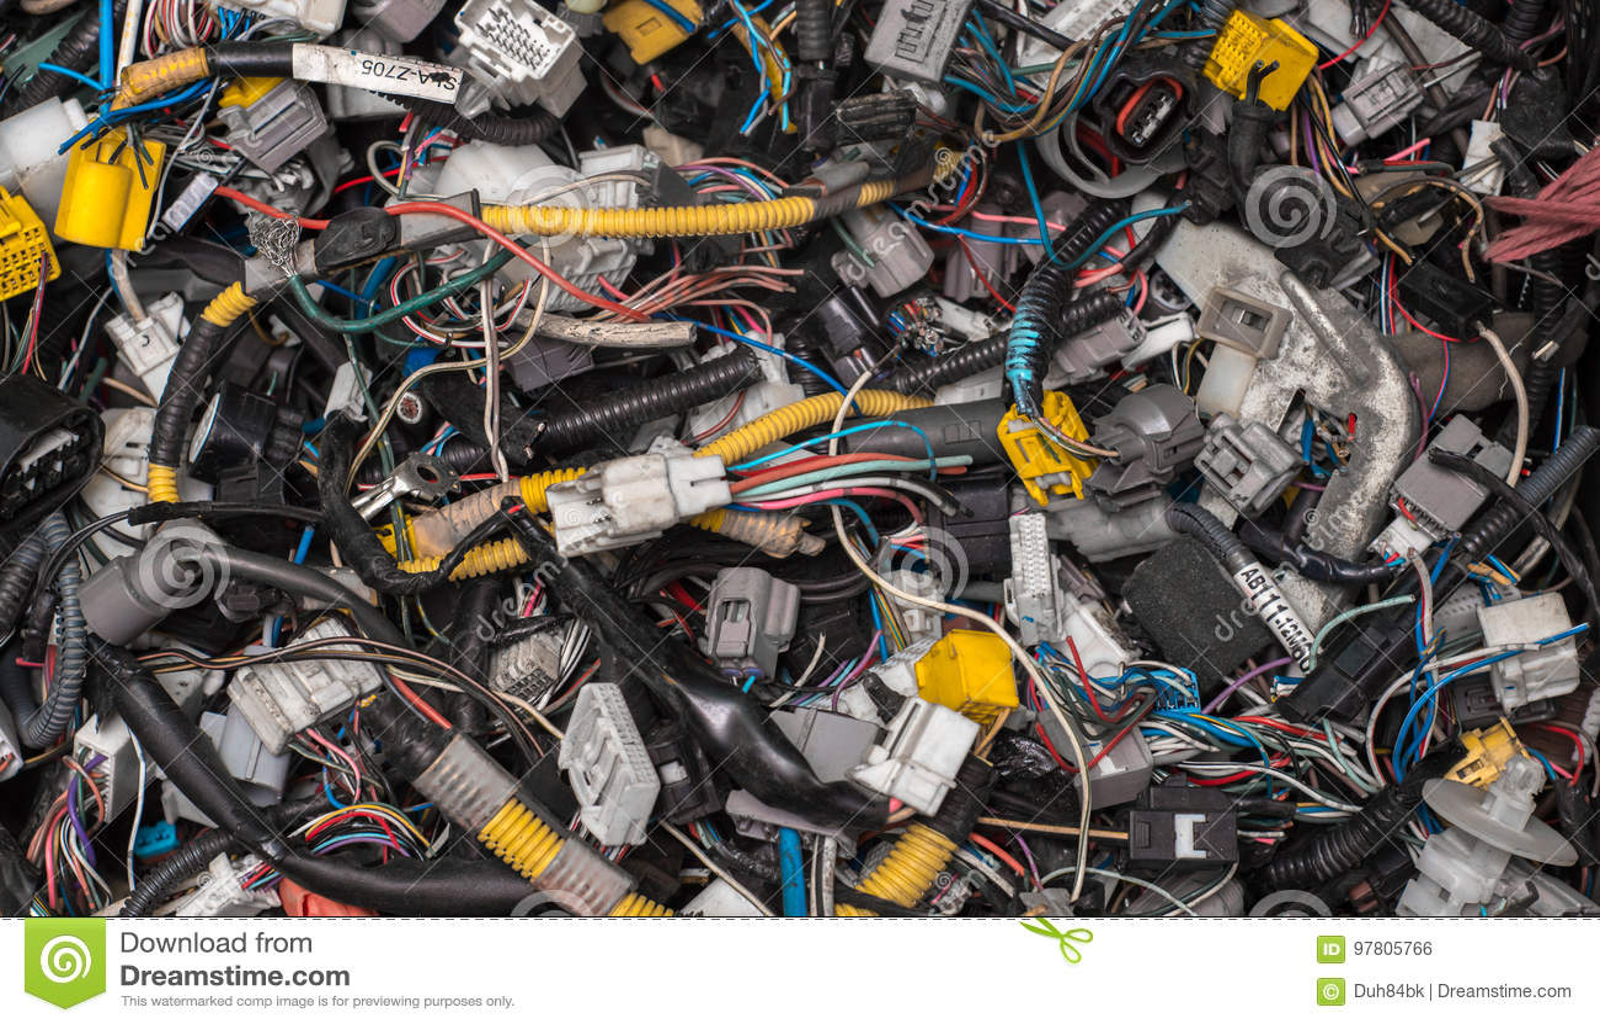 Veel diverse kabels en schakelaars